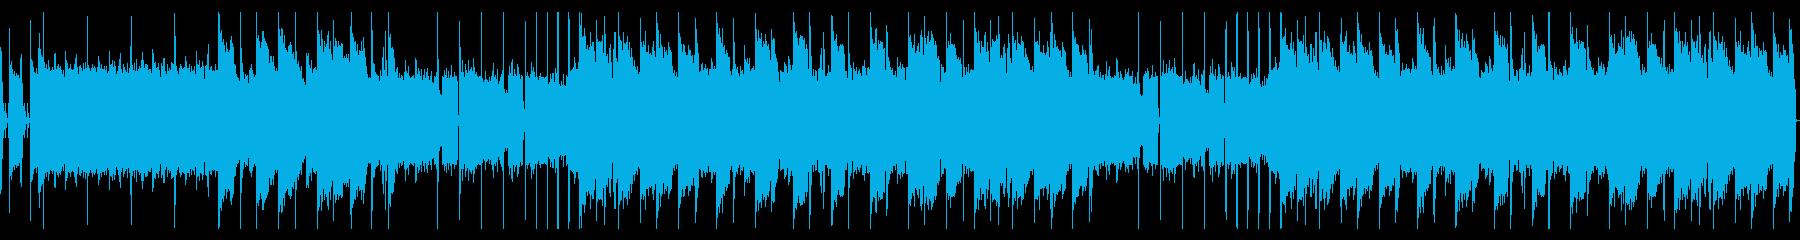 オールドスクールなヒップホップビーツの再生済みの波形